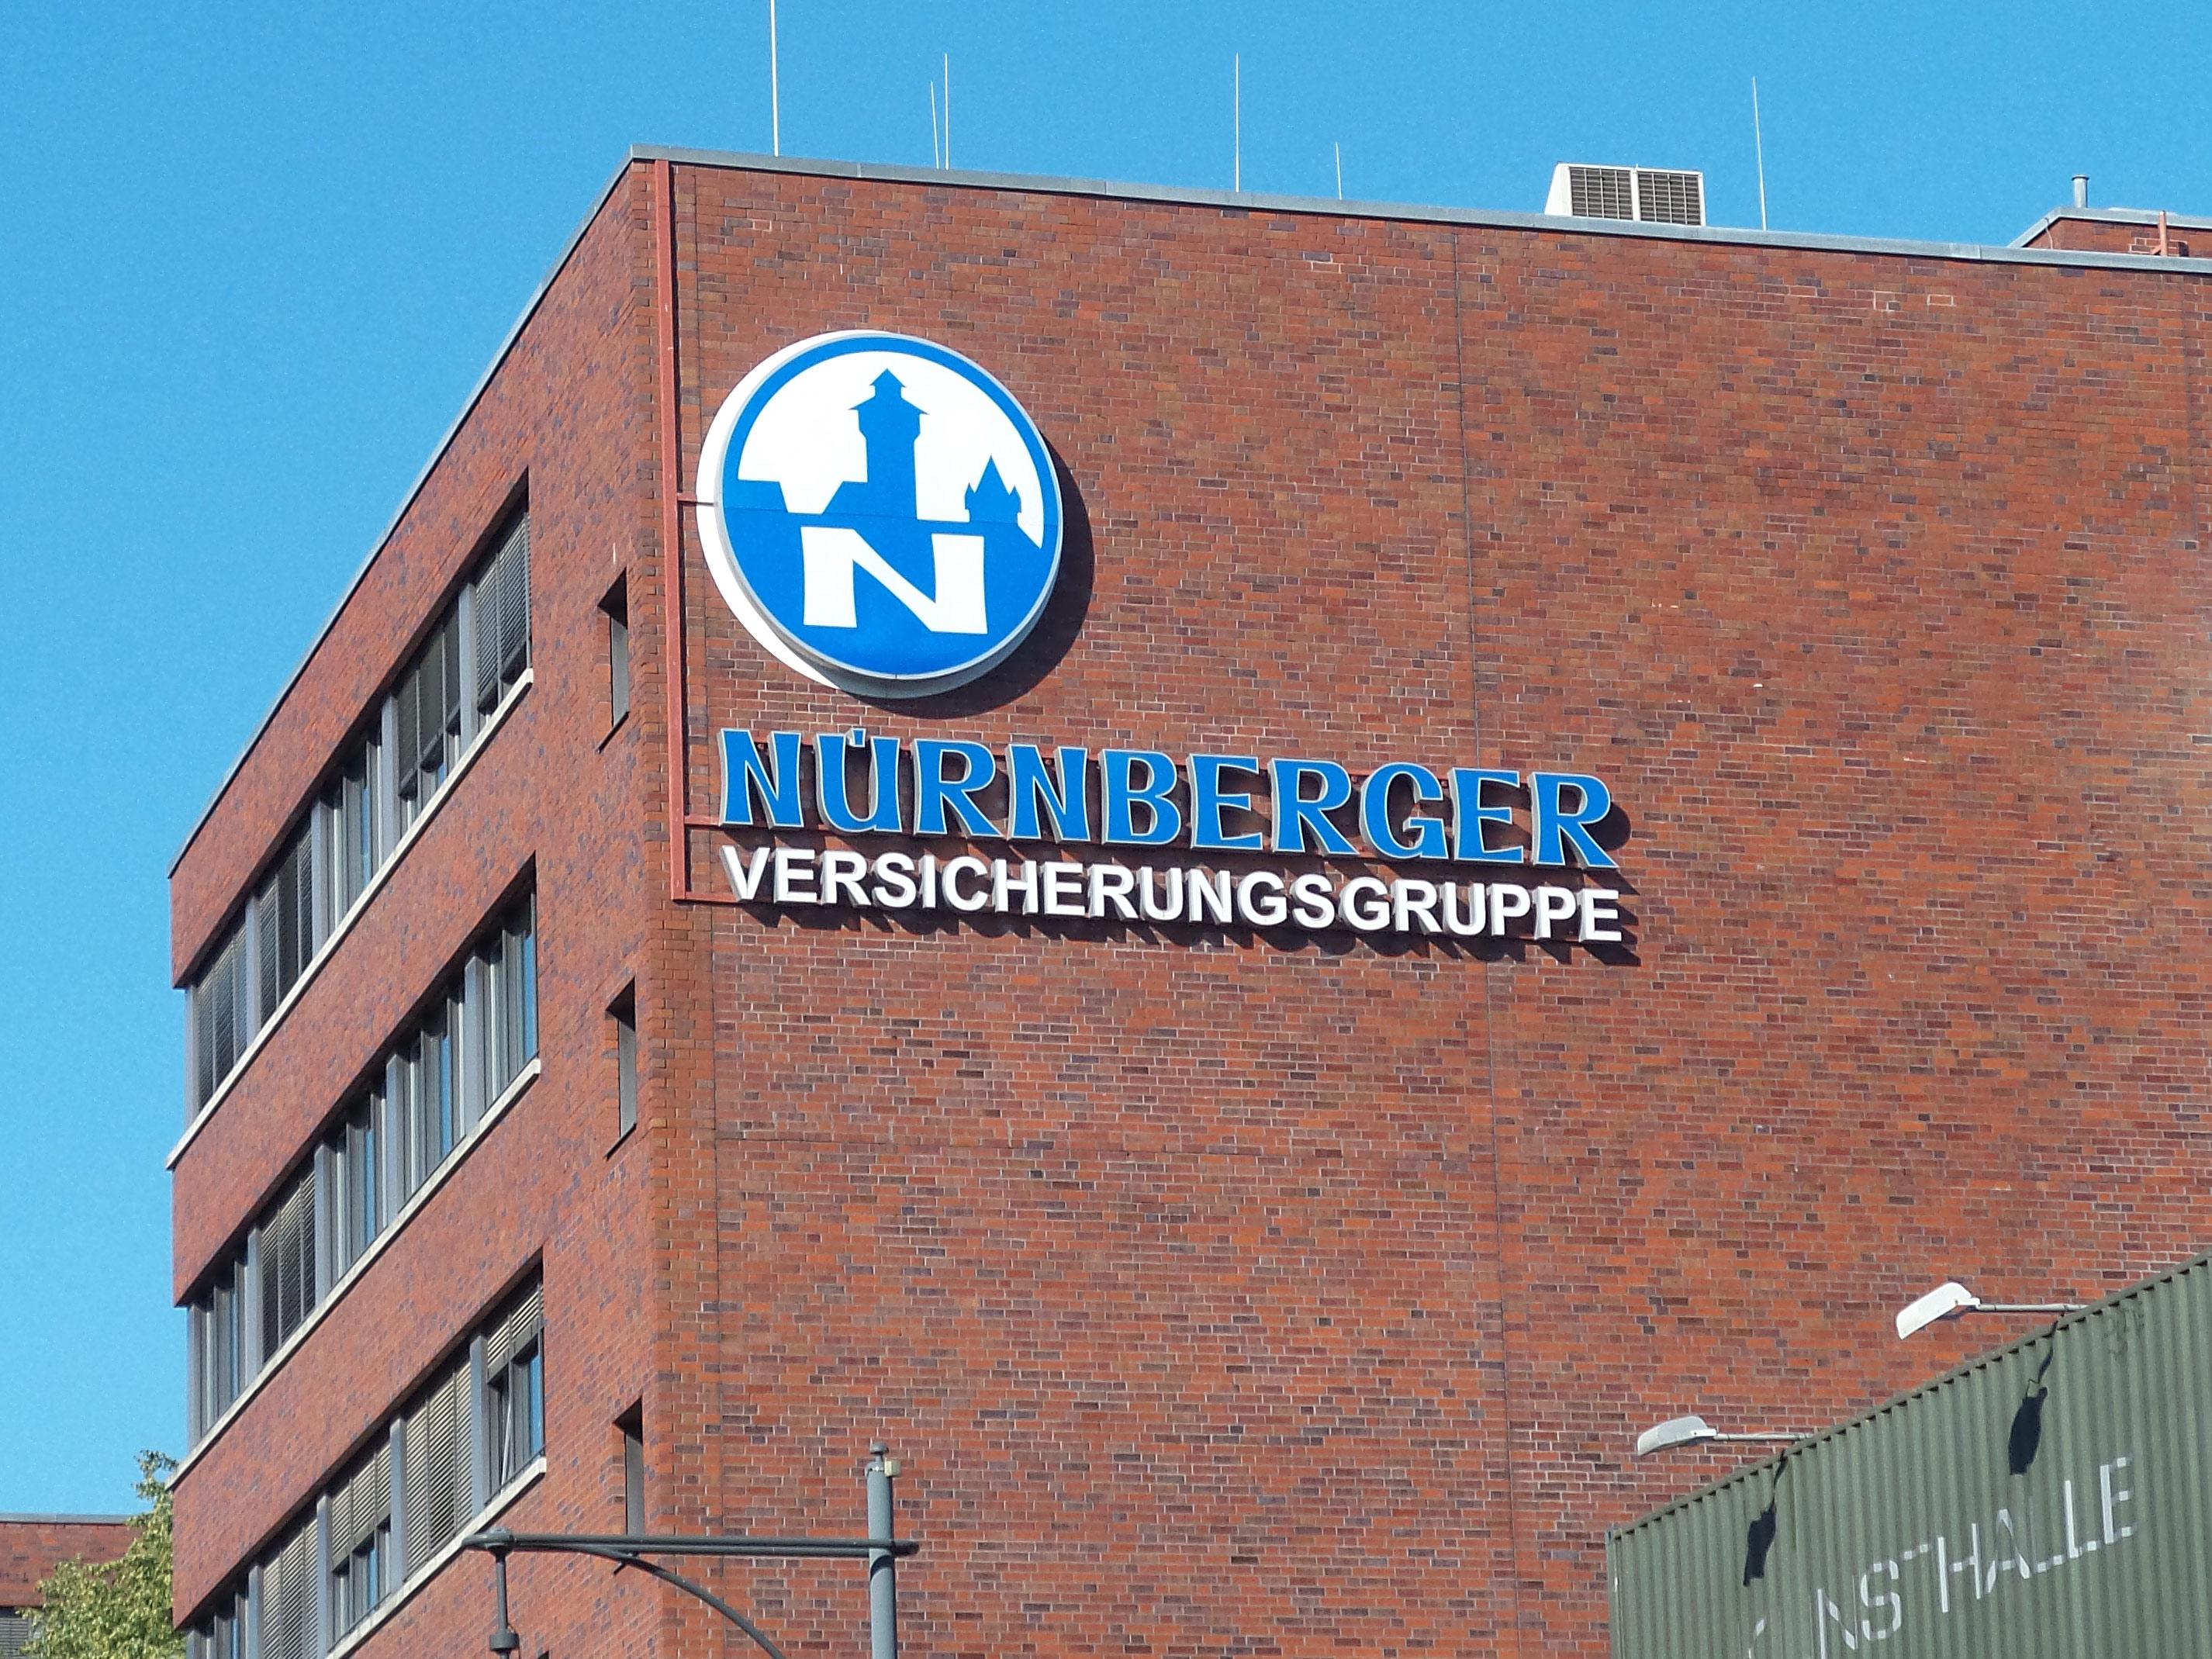 Kfz-Schadensmeldung Nürnberger Versicherung